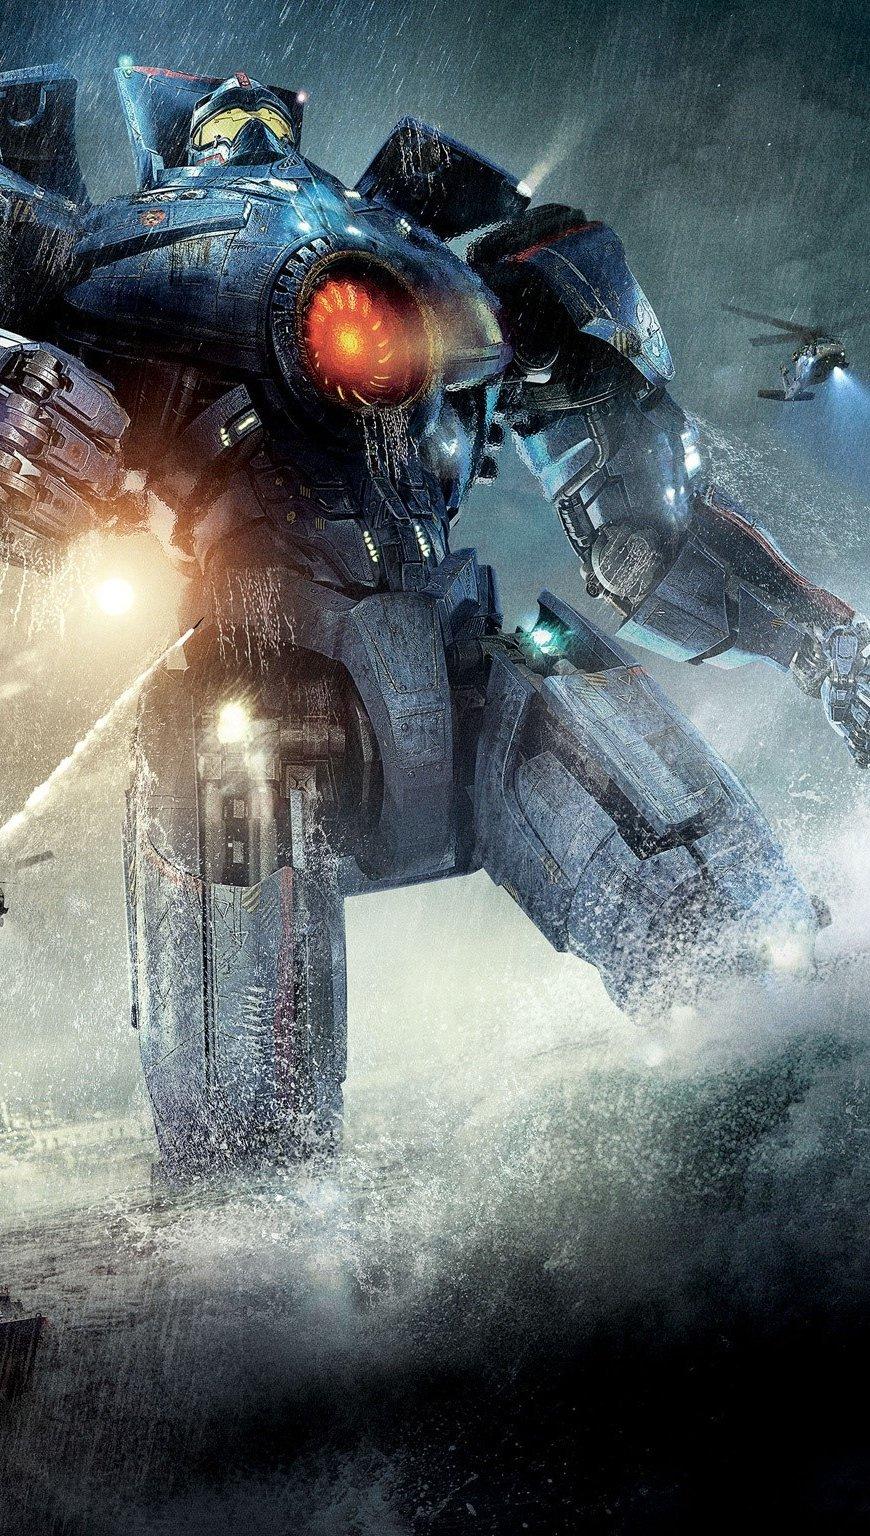 Fondos de pantalla Jaegers en Titanes del pacifico Vertical